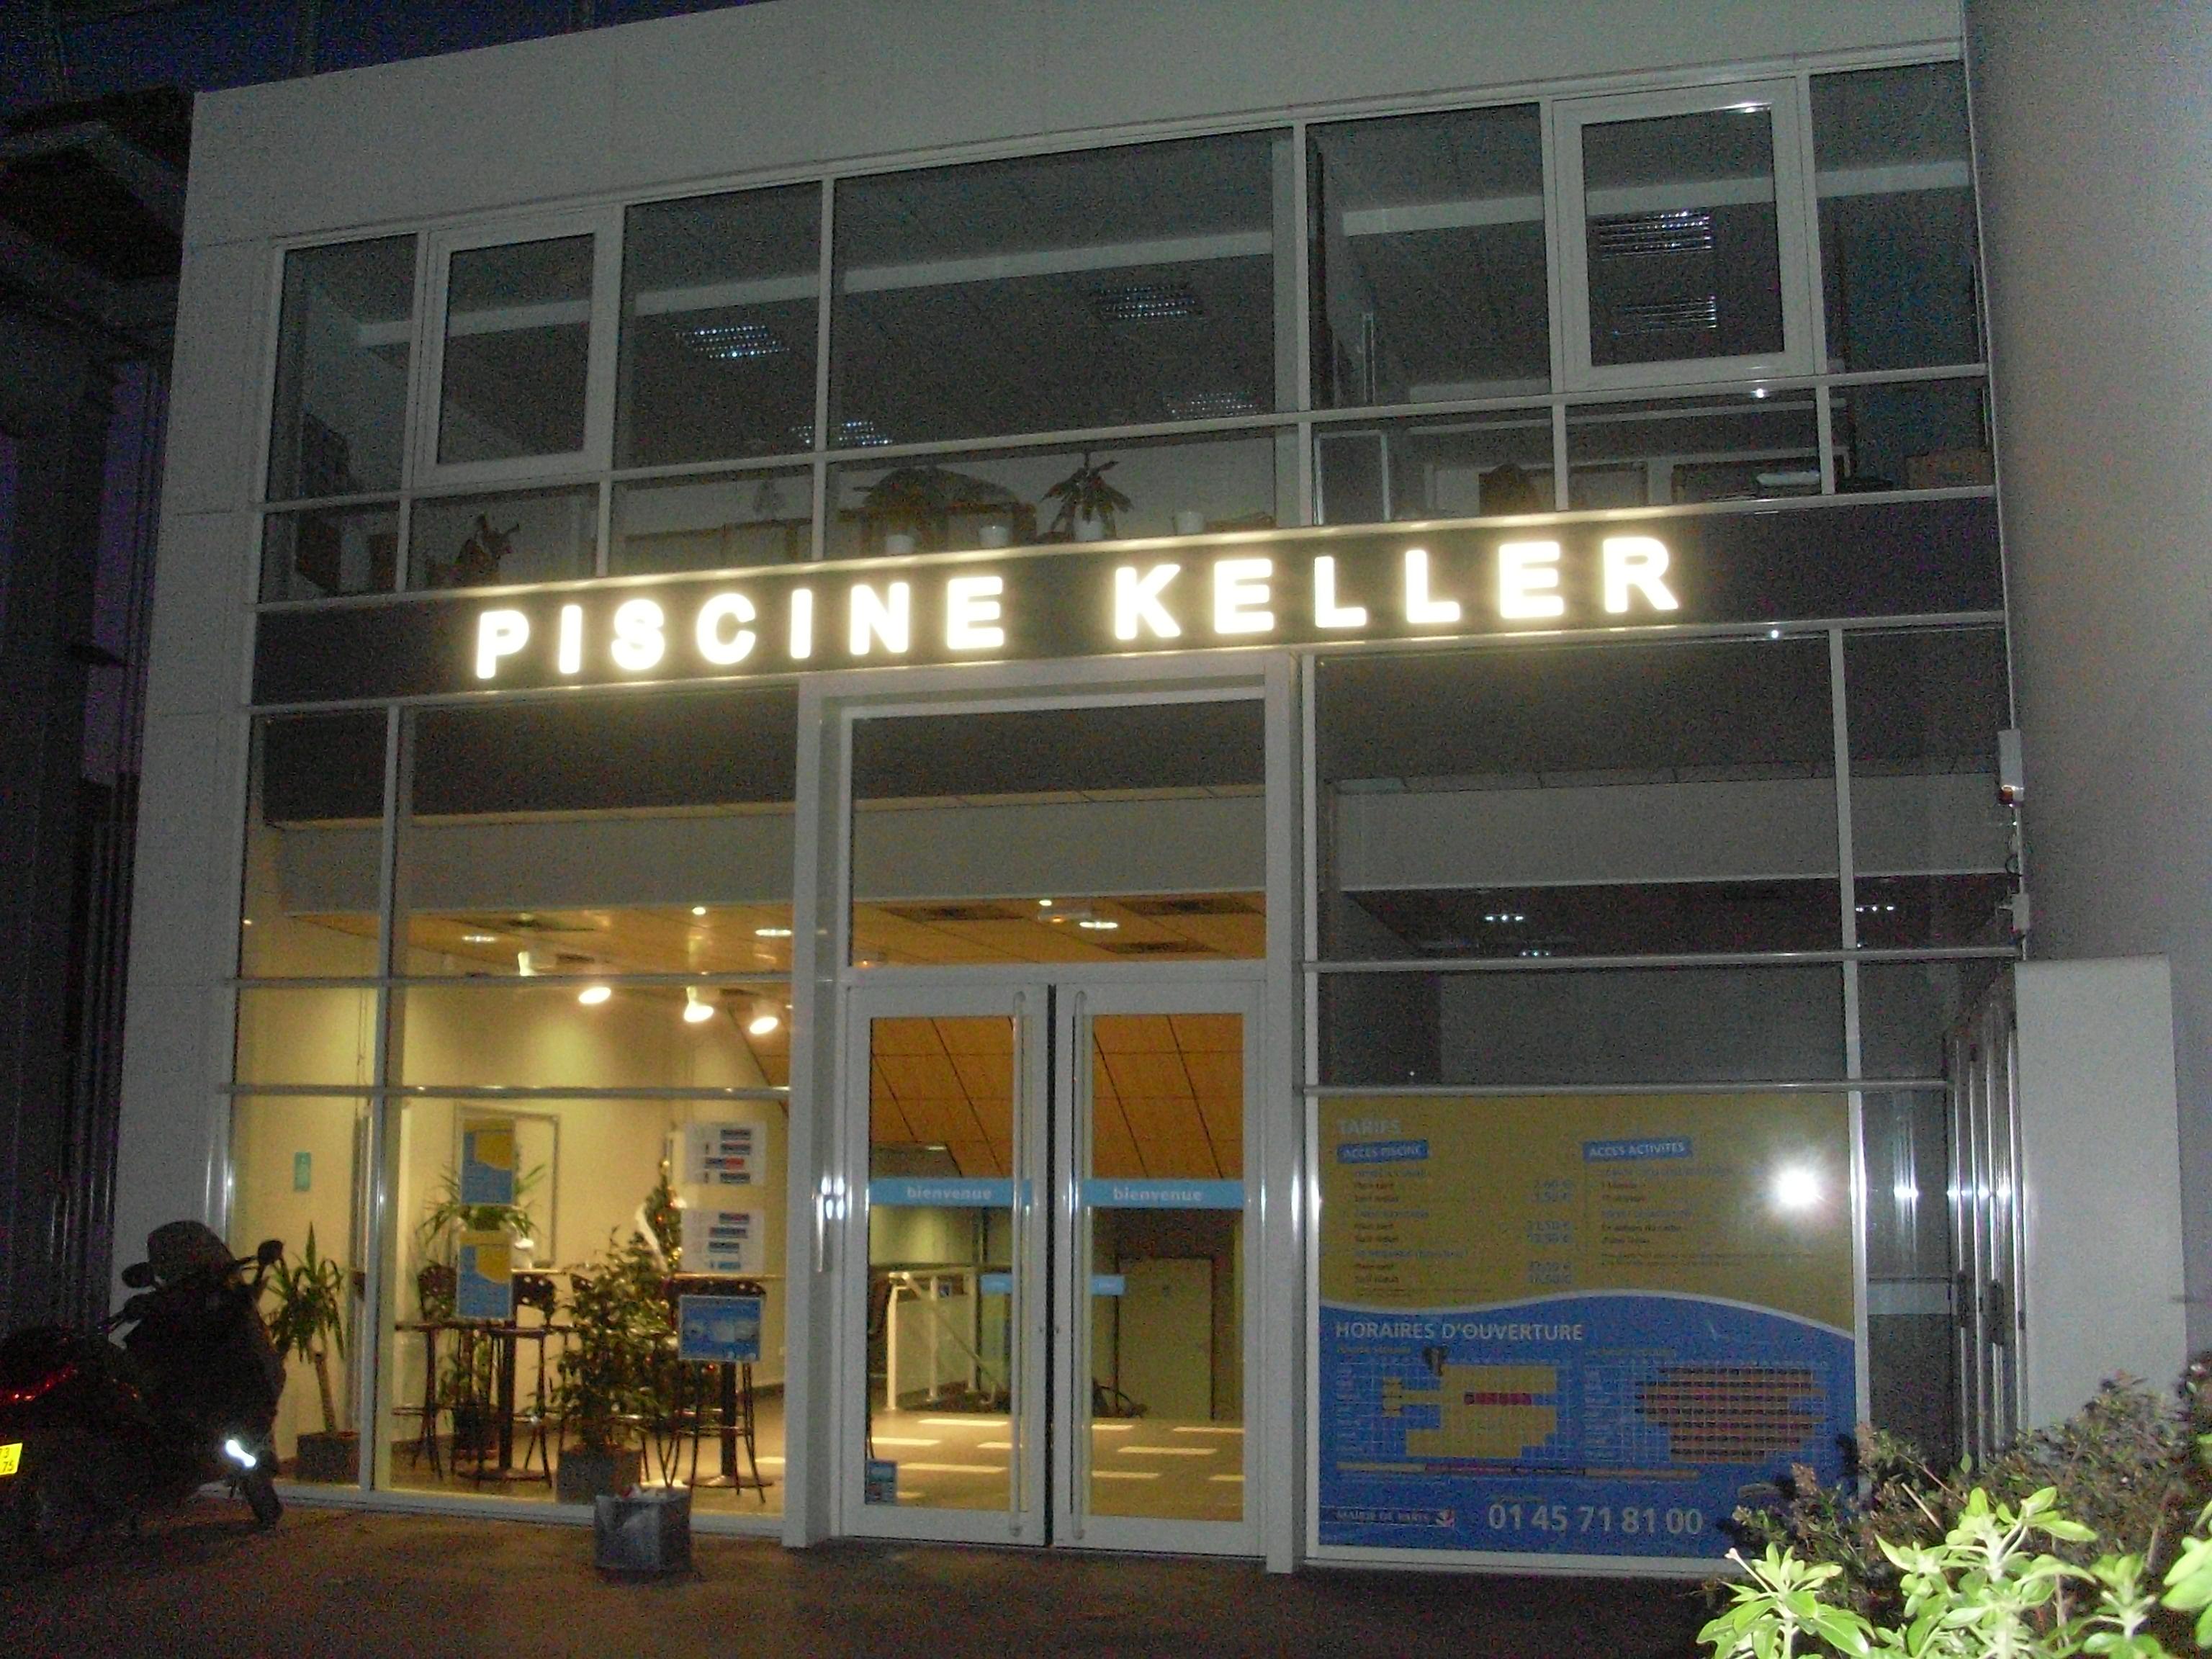 Onvasortir paris le site accueil for Piscine keller